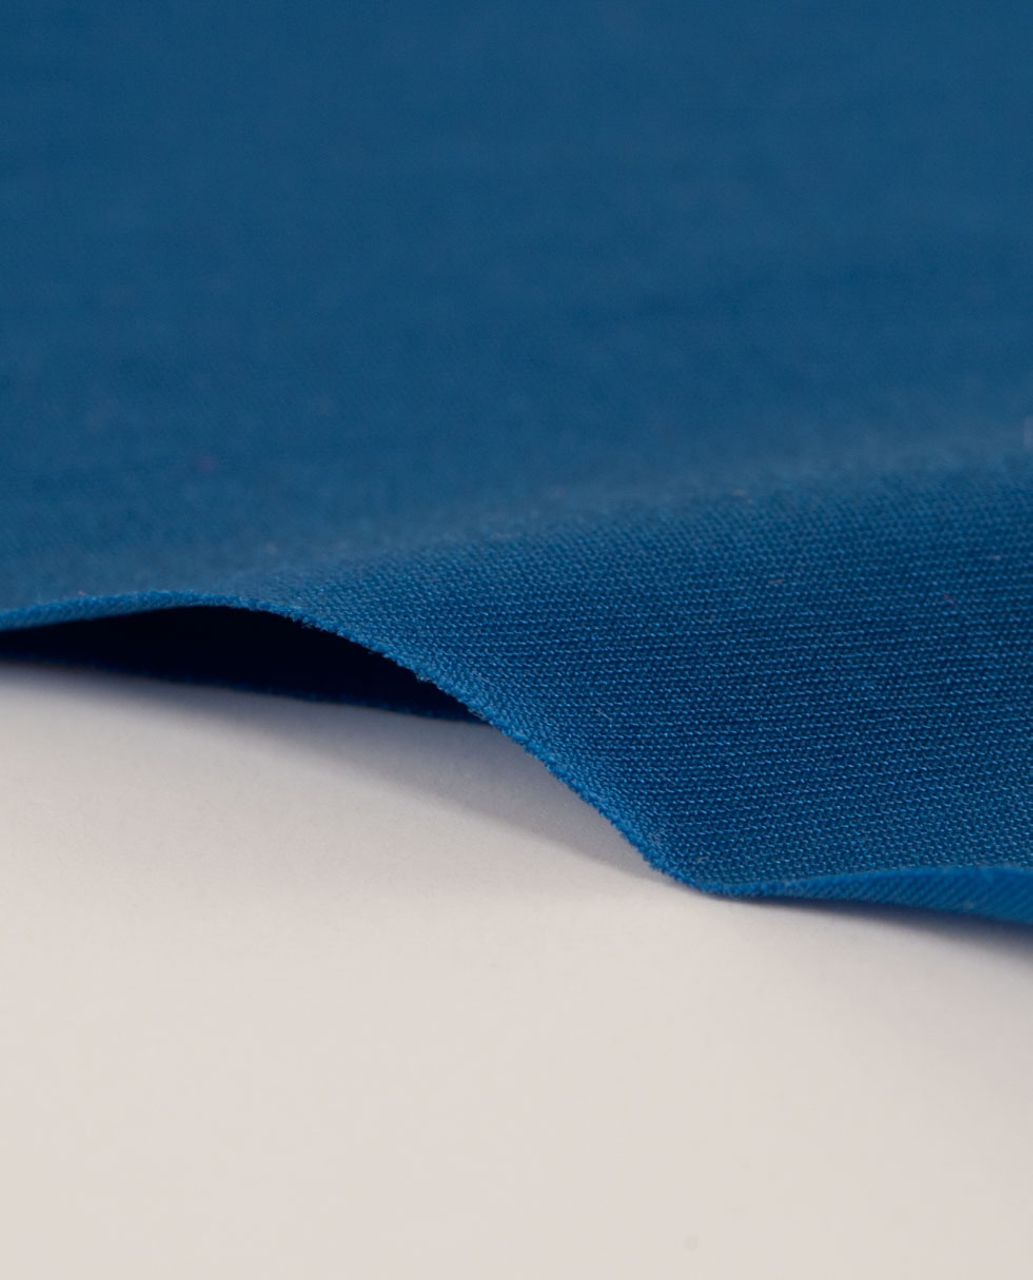 Lululemon Light As Air Thong - Limitless Blue